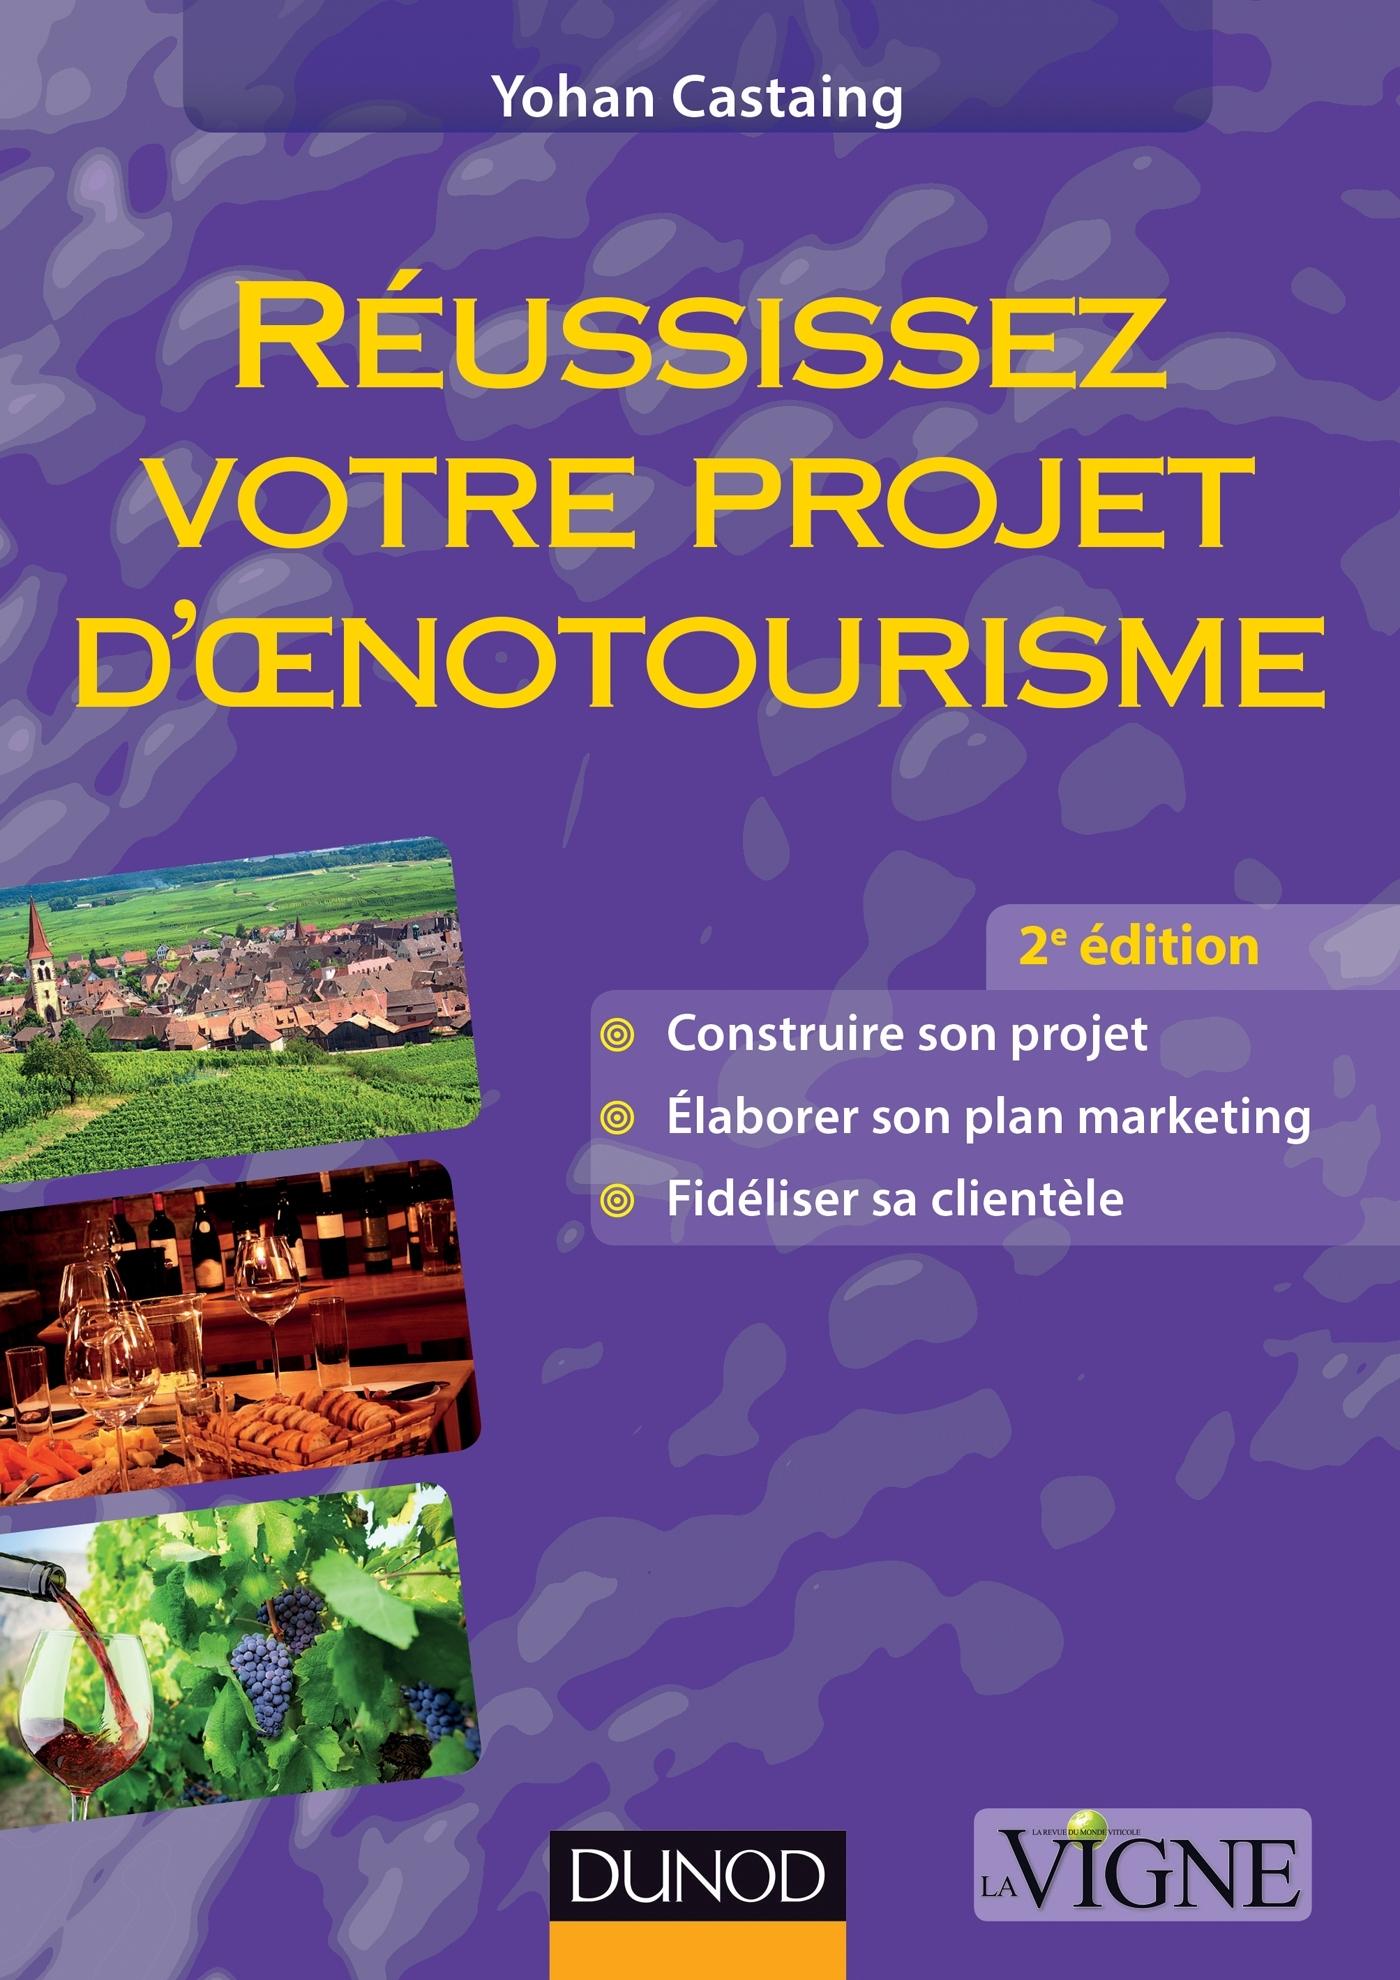 REUSSISSEZ VOTRE PROJET D'OENOTOURISME - 2EME EDITION